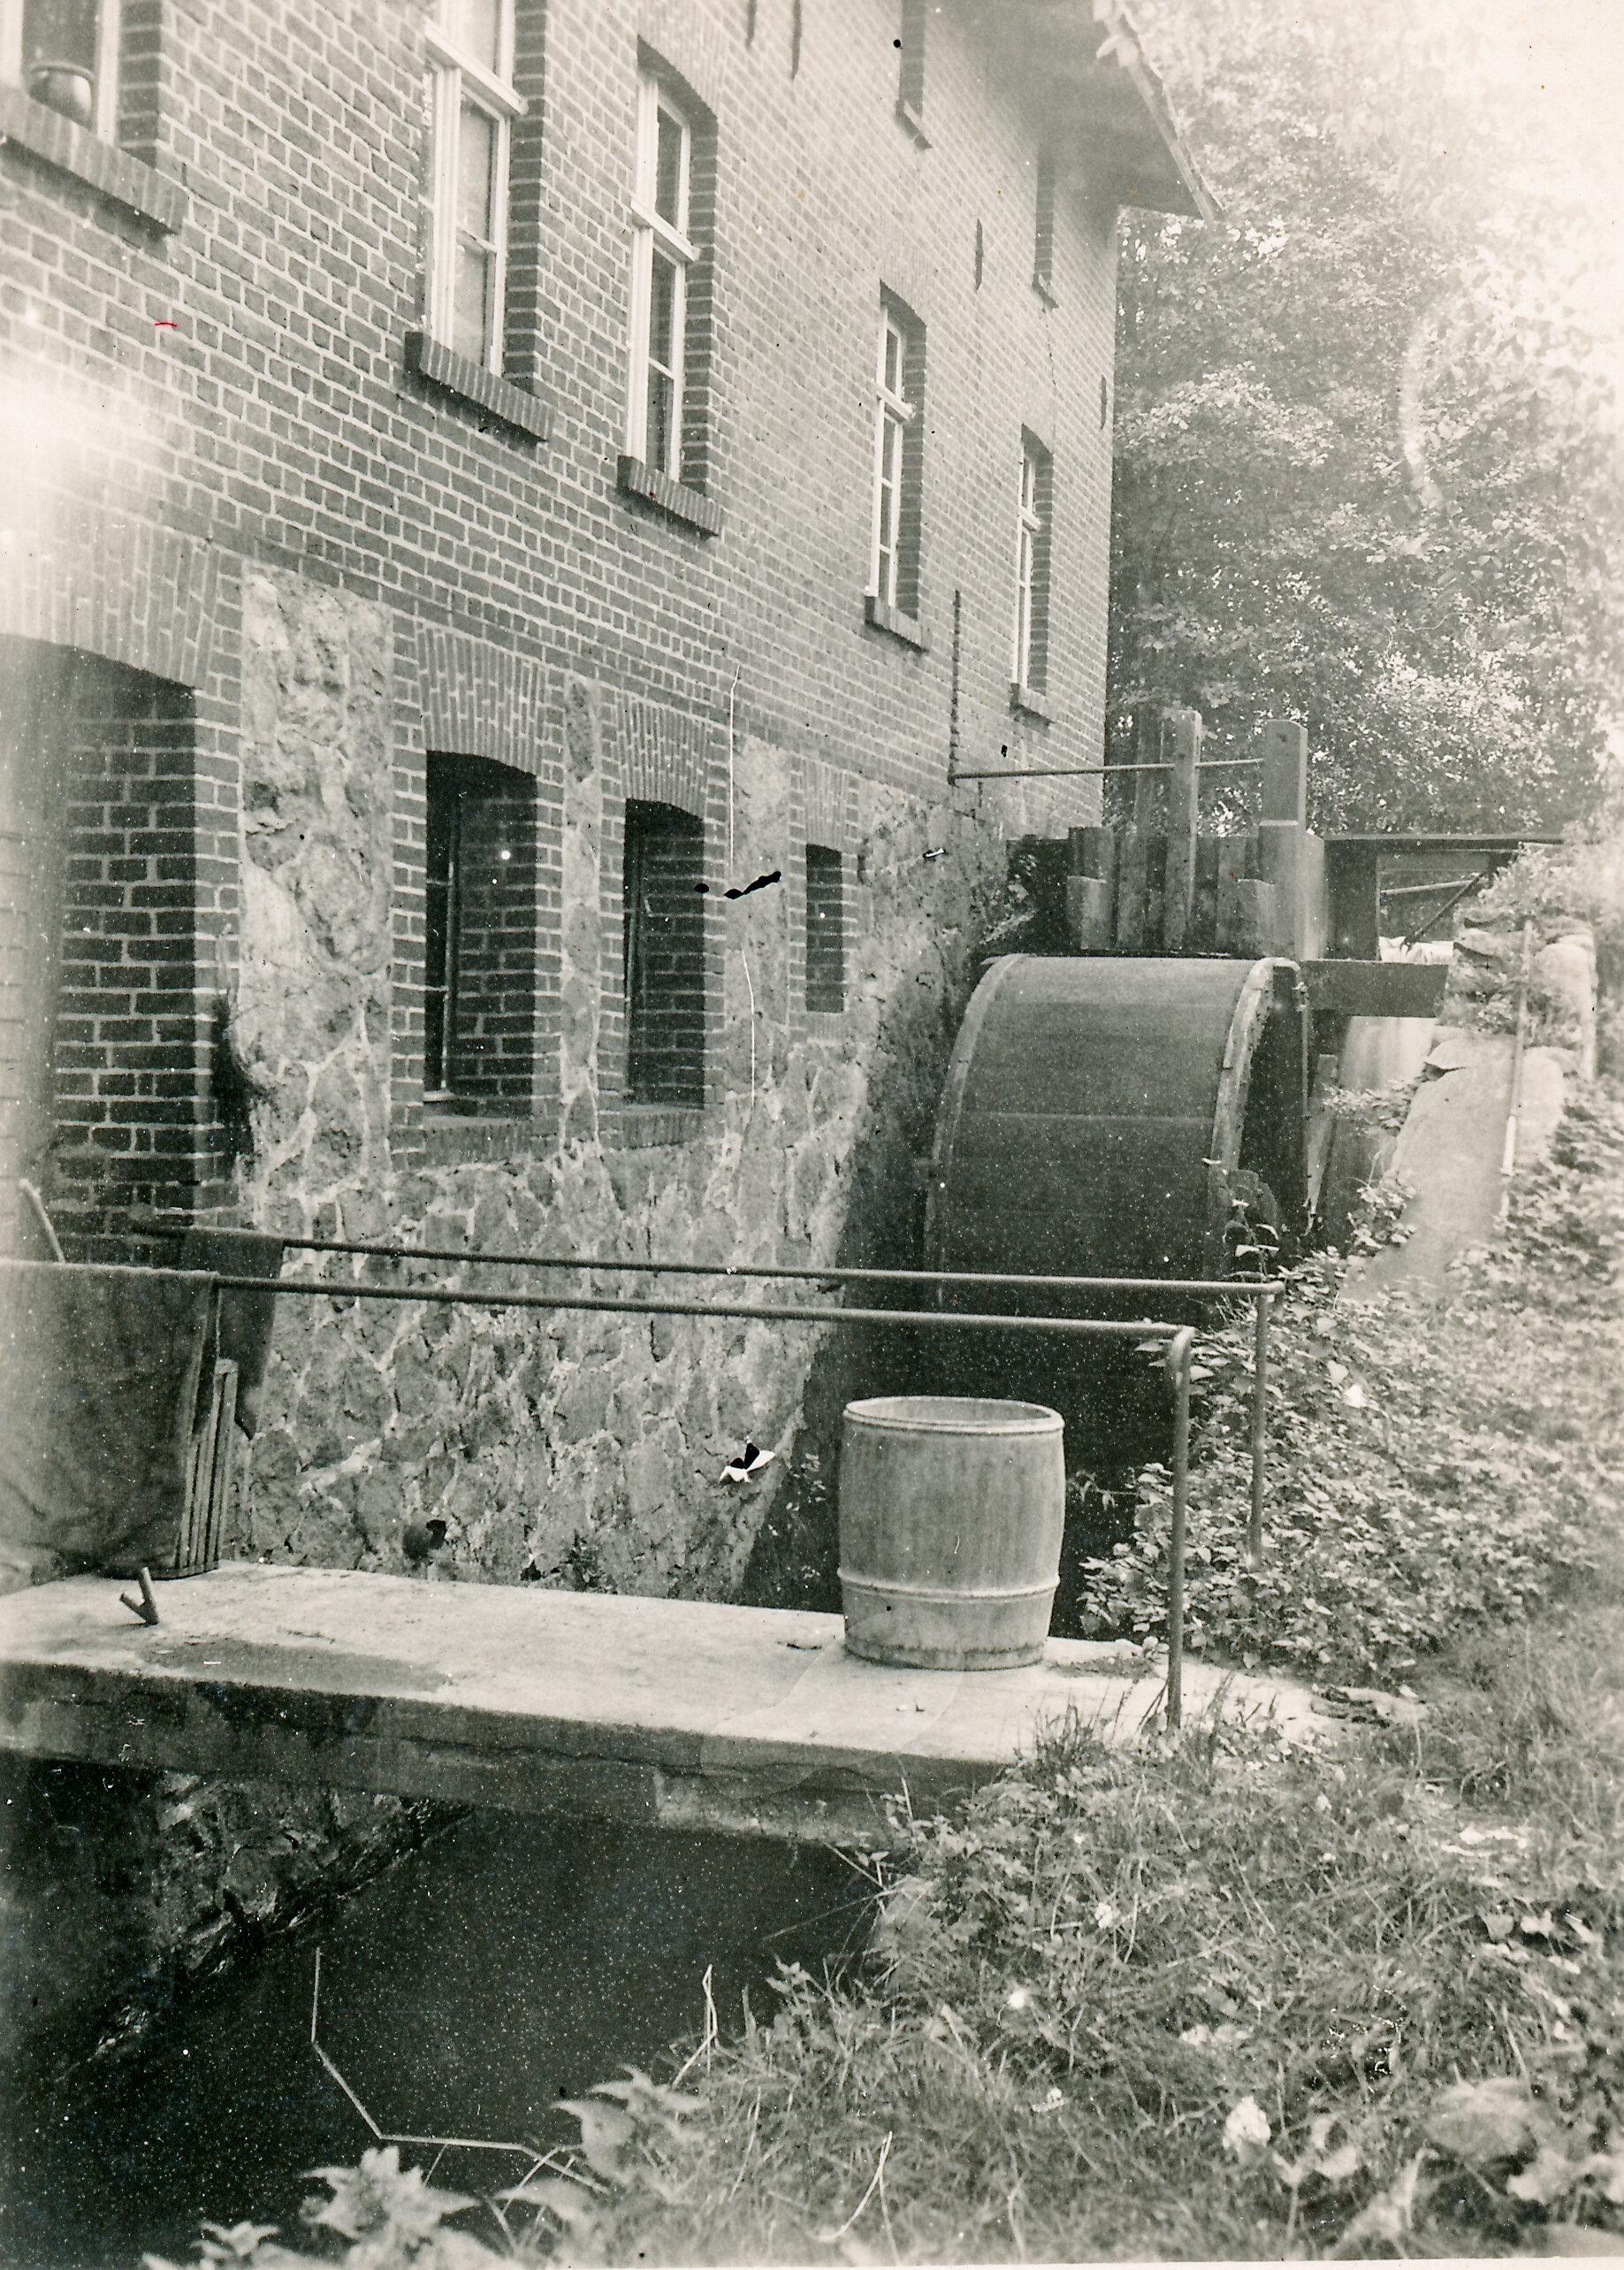 Wasserrad an der Mühle in Kemnitz, die bis 1969 in Betrieb war.